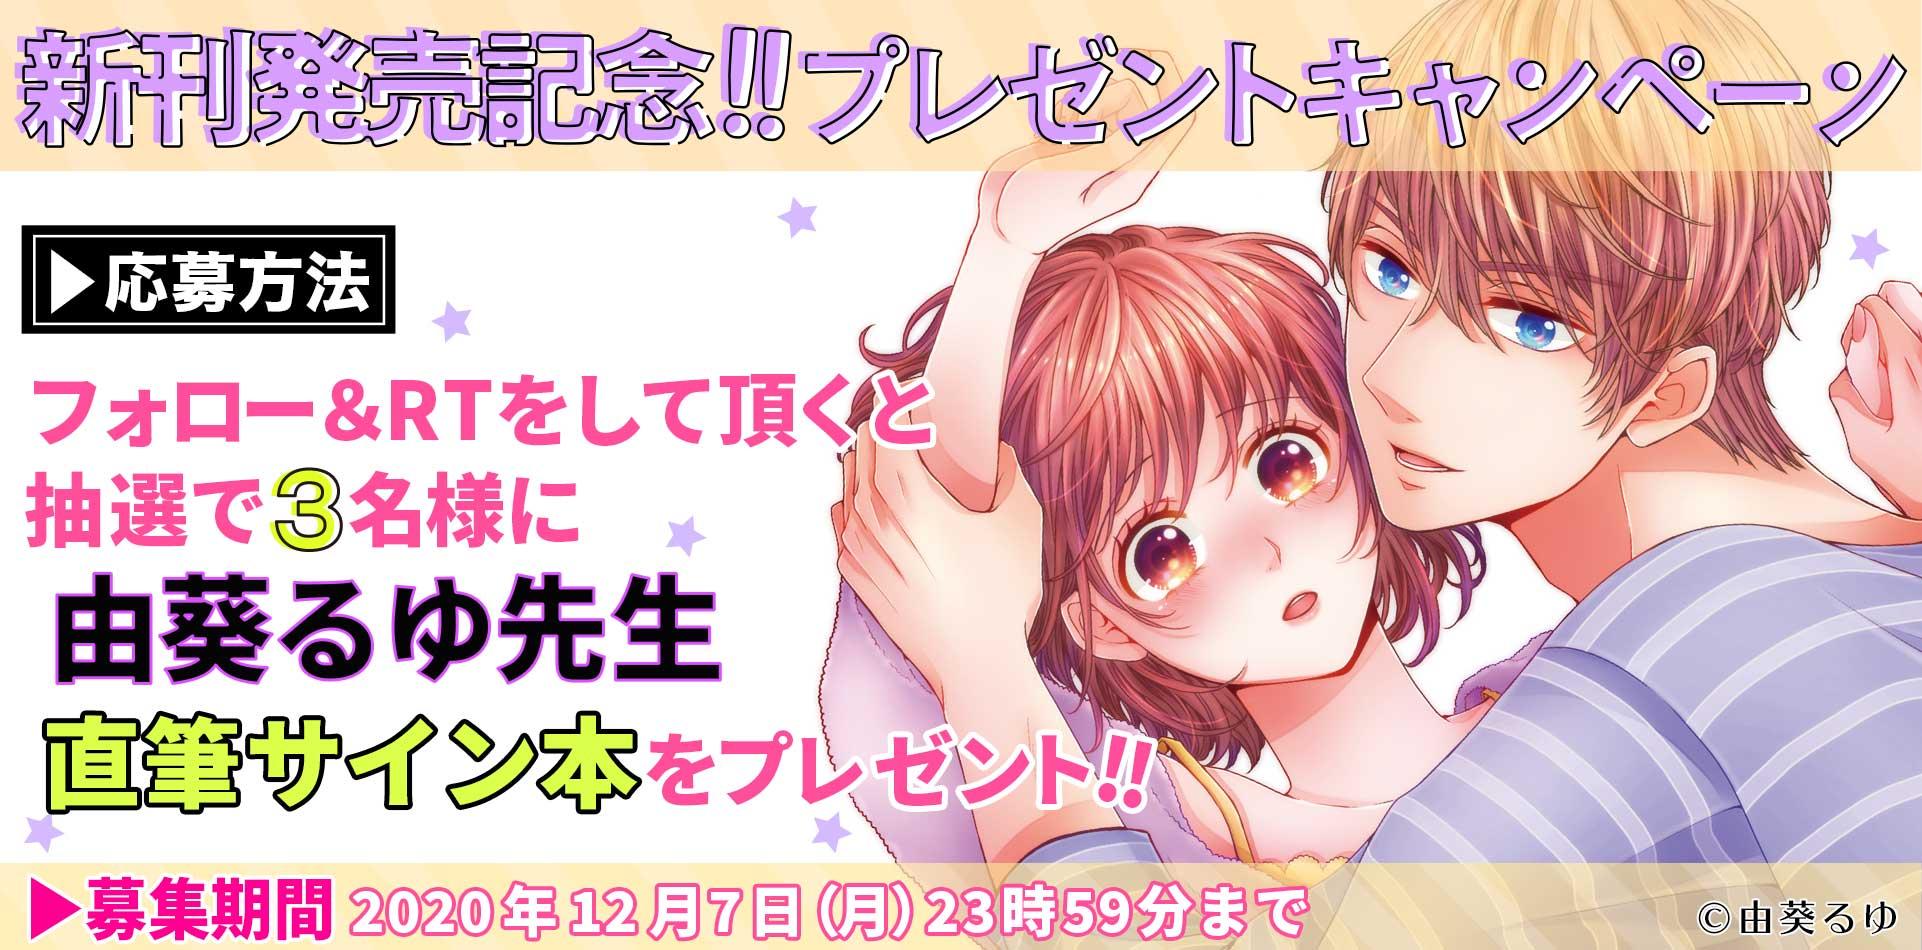 【新刊発売記念プレゼント企画】由葵るゆ先生 サイン入り単行本